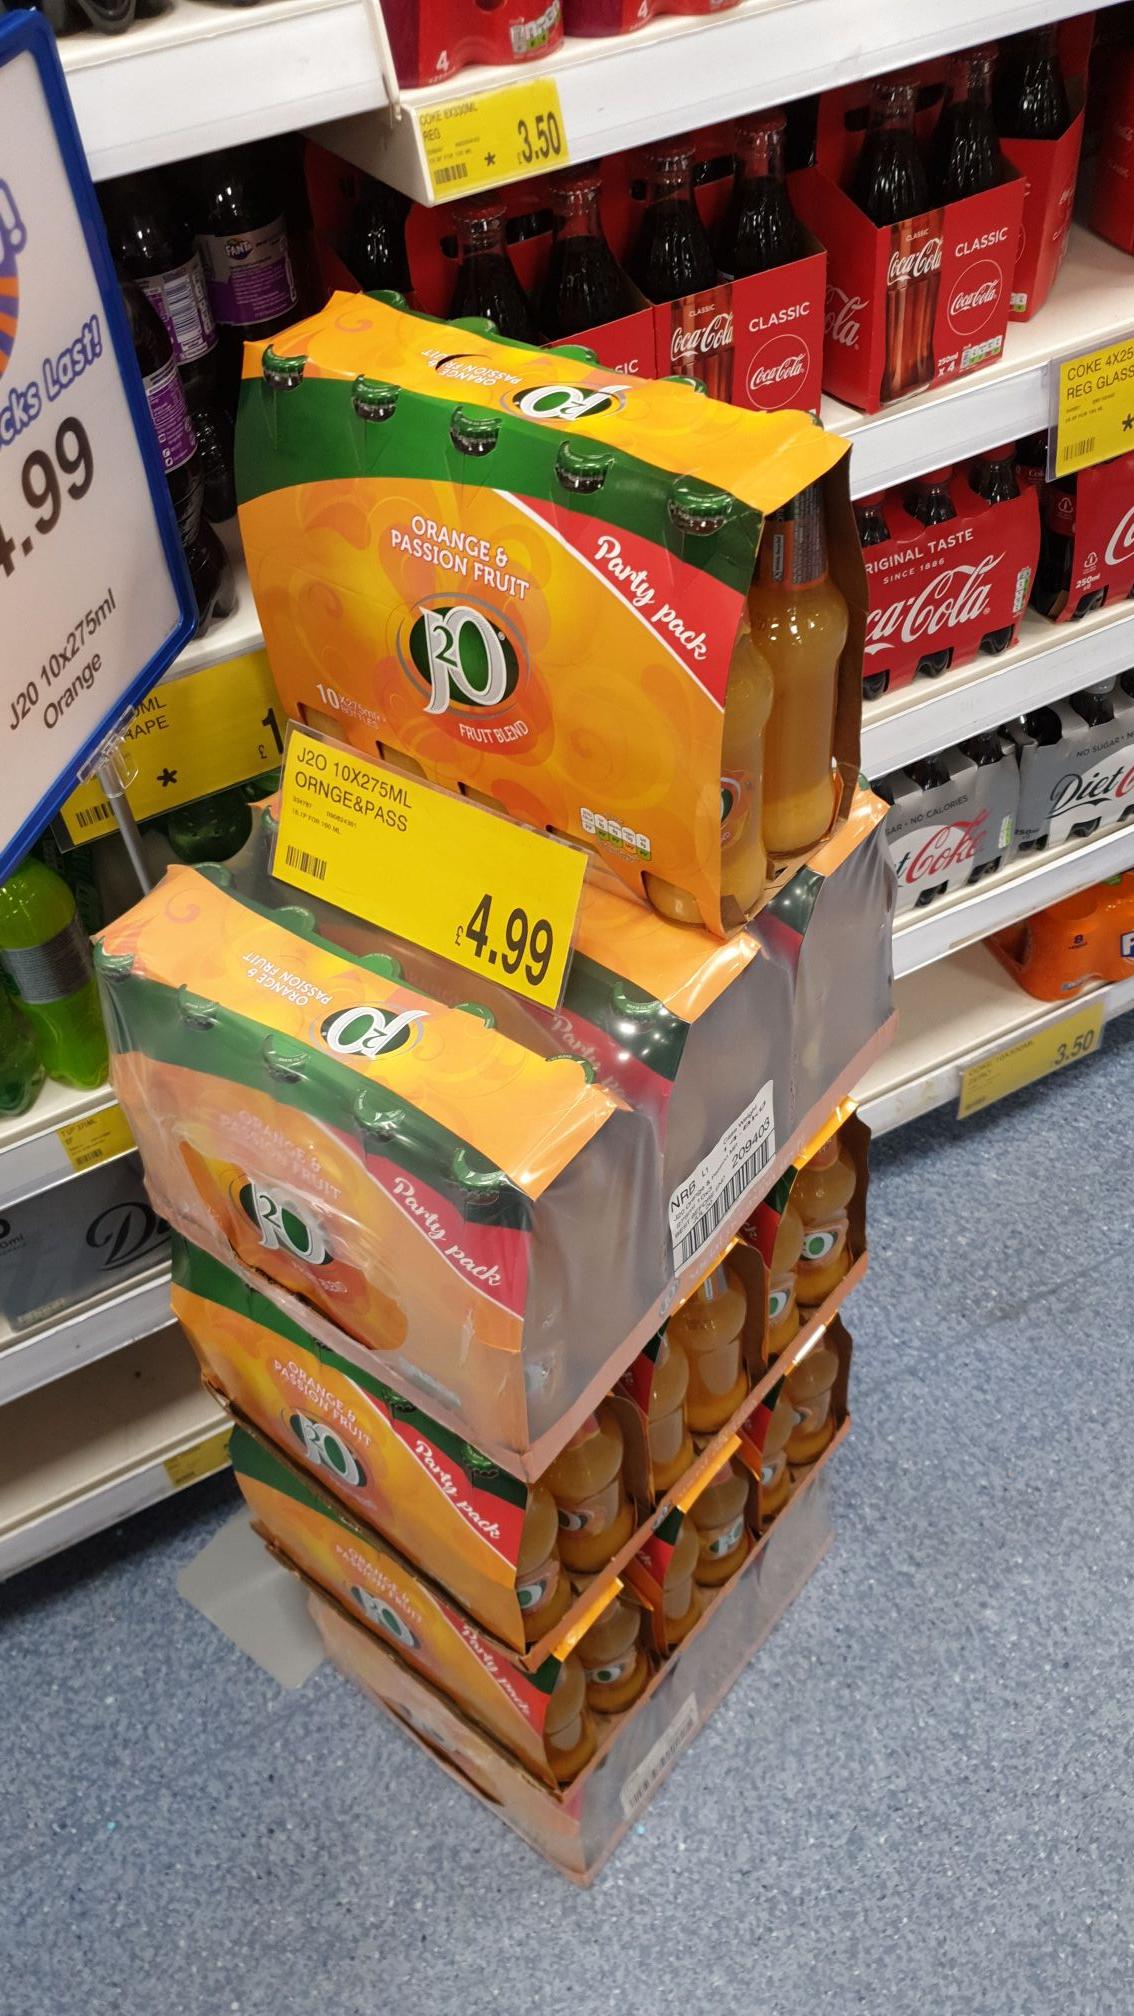 J20-Pack of 10 for £4.99 Instore @ B&M (Leytonstone)